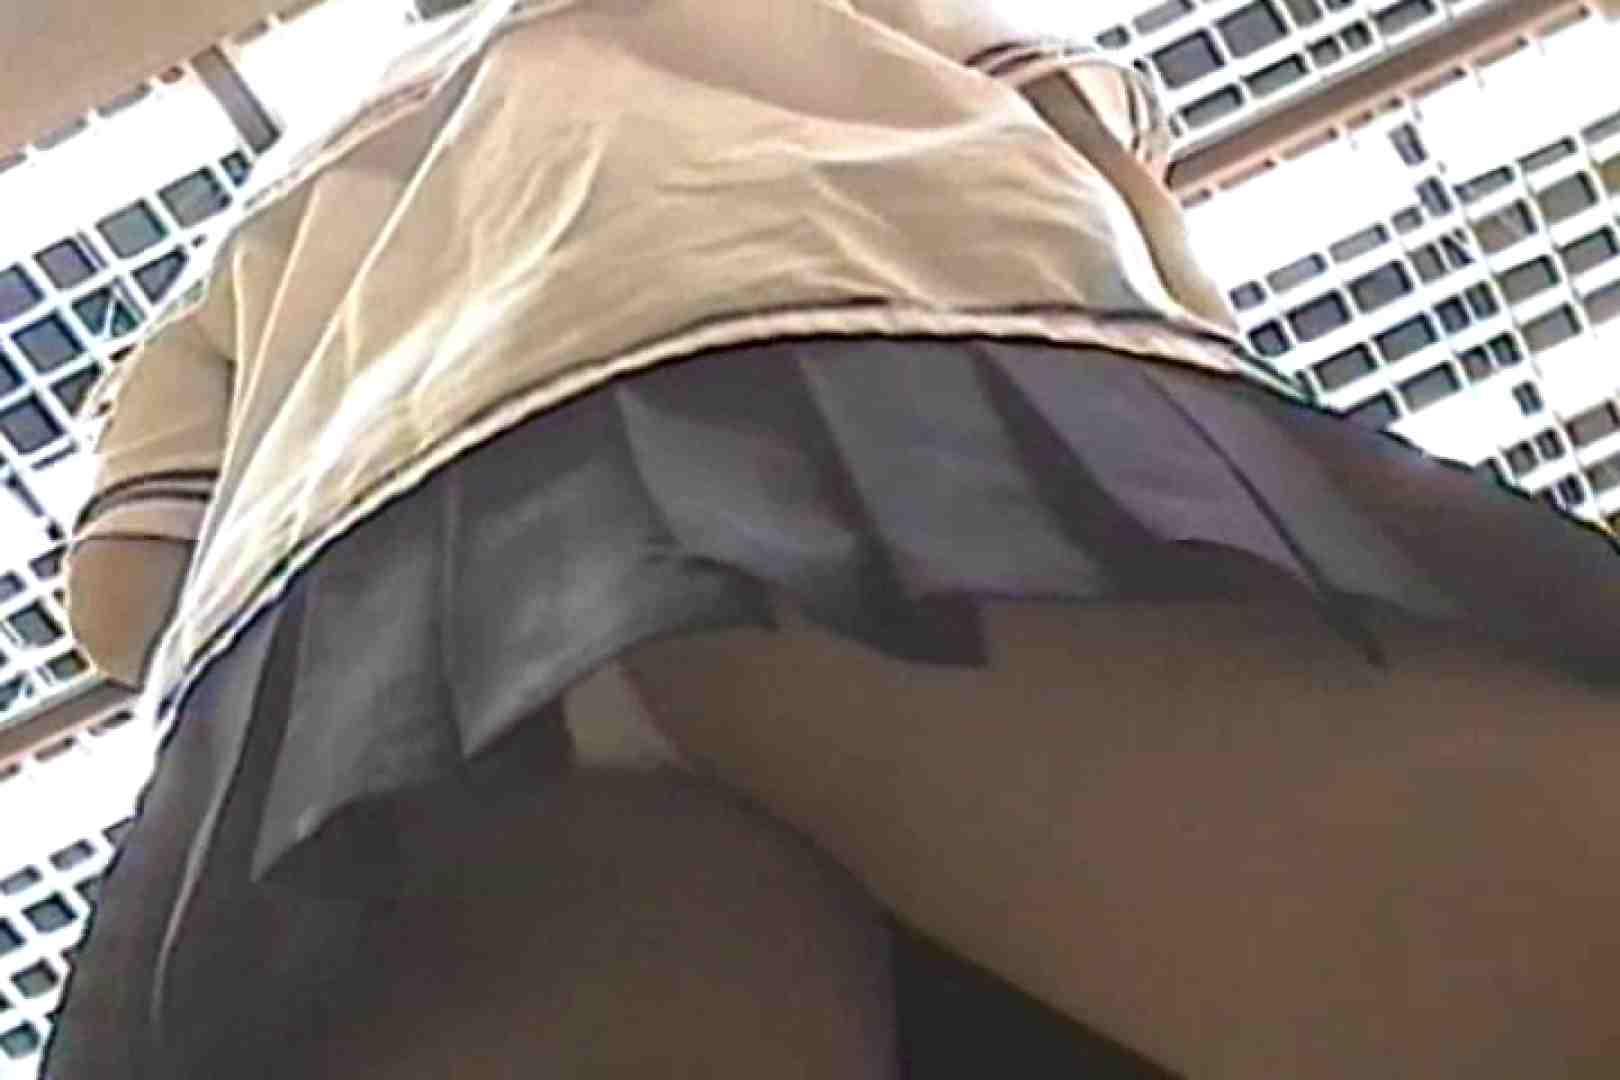 パンツ舞うコミックマーケットVol.5 パンチラ放出 のぞきエロ無料画像 55pic 8